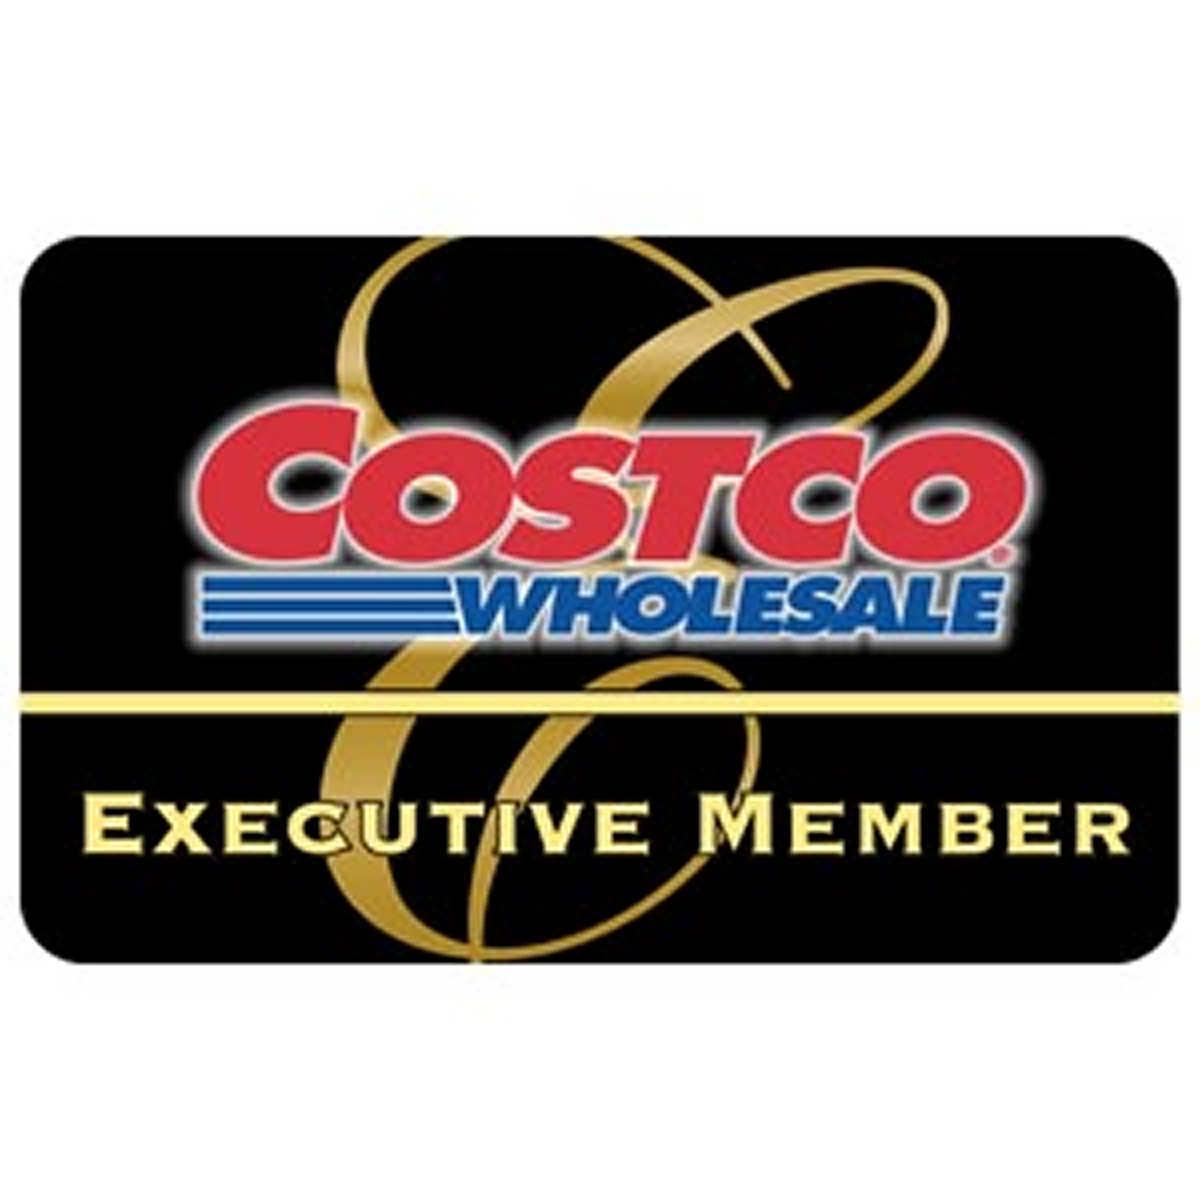 Gold Star Executive Membership - New Member Costco